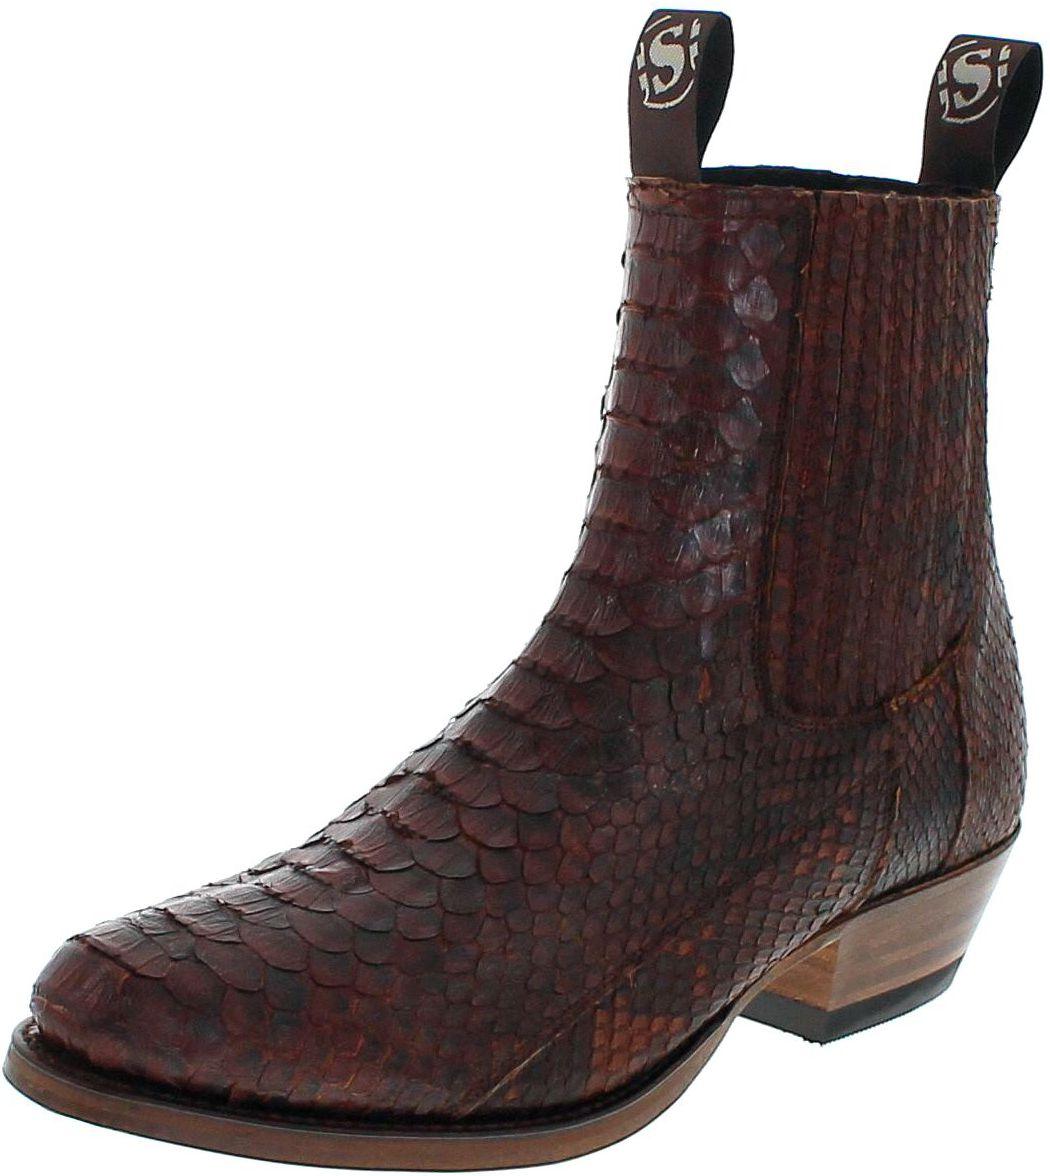 Sendra Boots 1692P Exotic Westernstiefelette aus Vollpythonhaut matt - braun